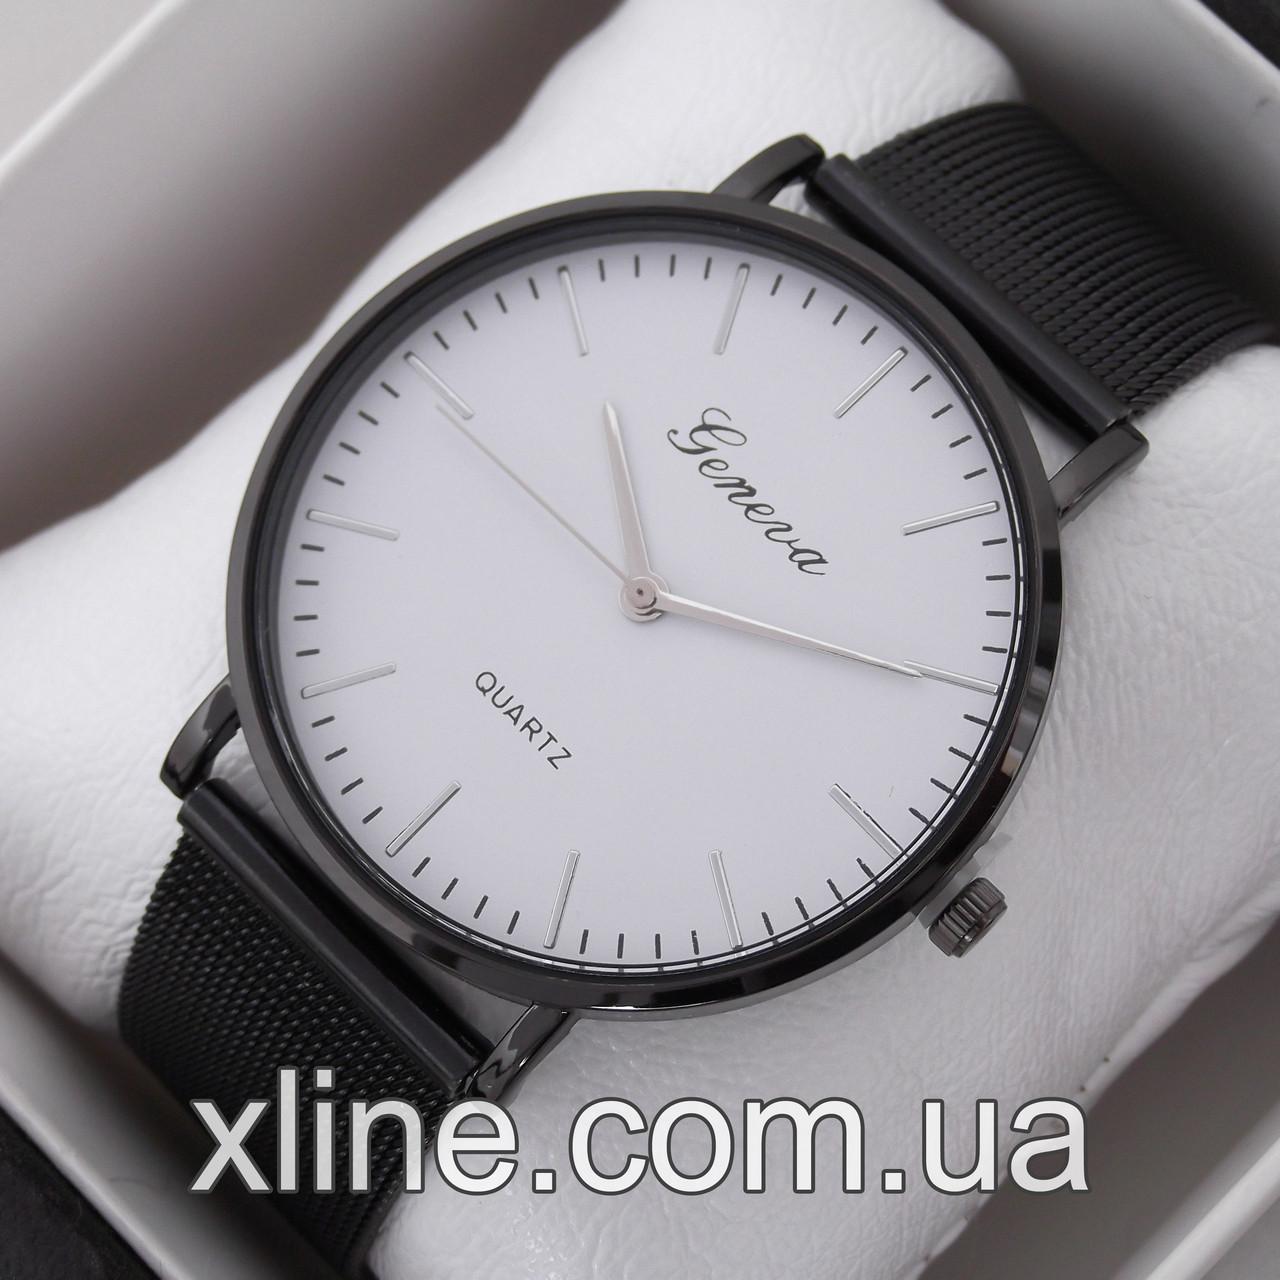 Жіночі наручні годинники Geneva M203 на металевому браслеті